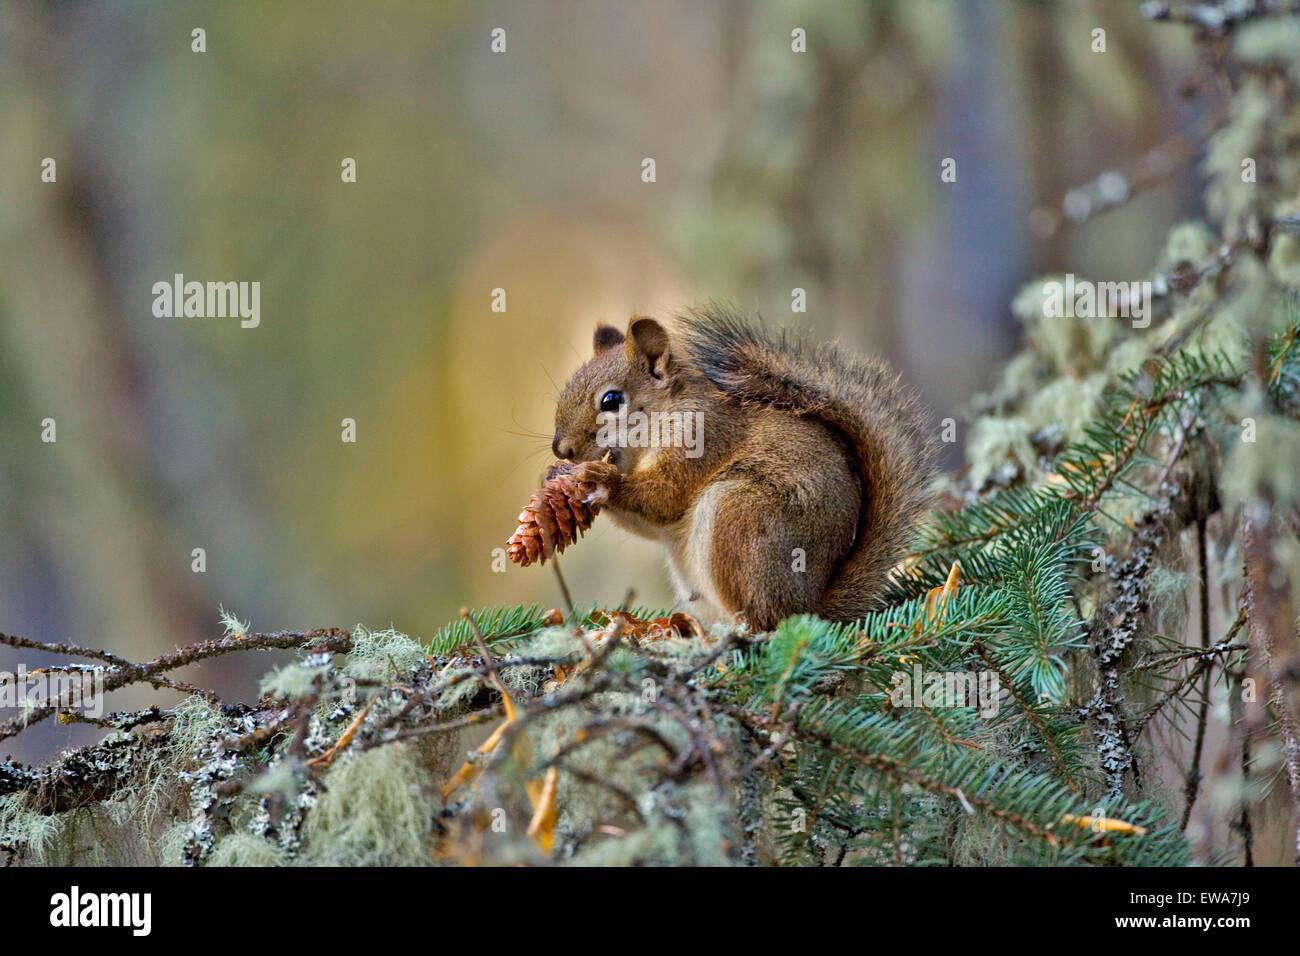 Ardilla roja en el árbol, alimentándose de semillas cono Imagen De Stock